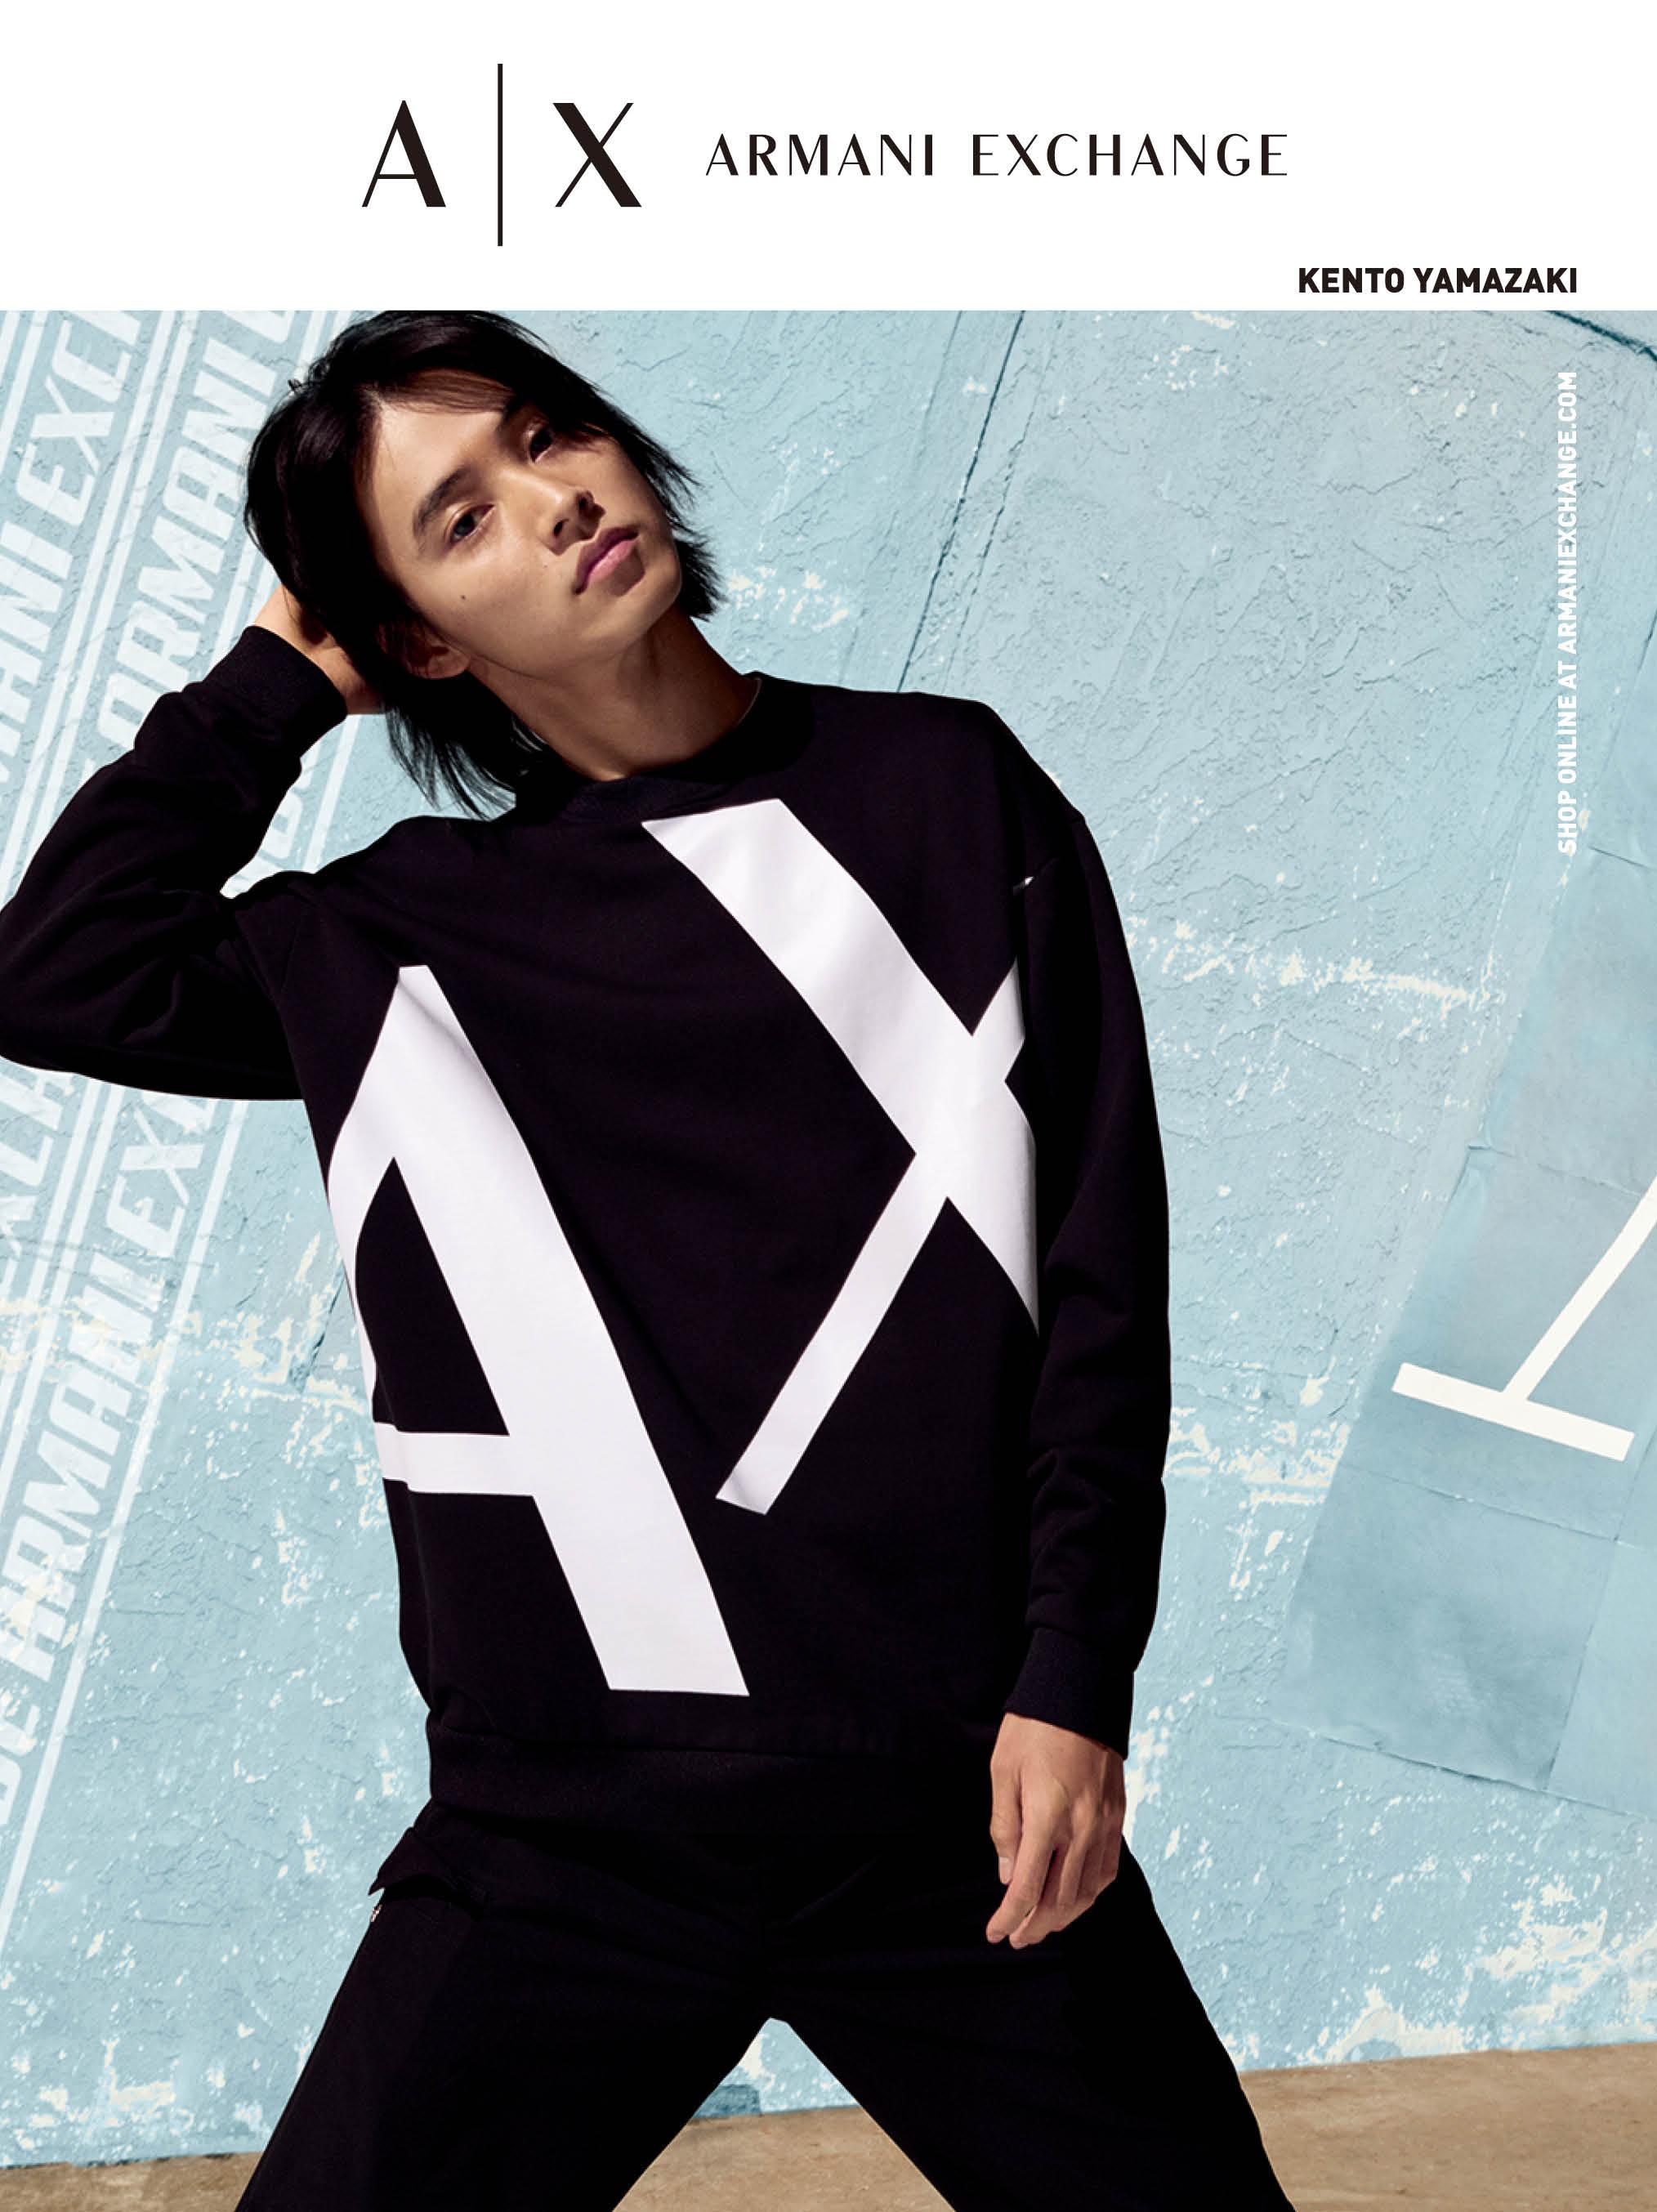 山﨑賢人さん『A|X アルマーニ エクスチェンジ』のキャンペーンモデルビジュアル PhotoGallery_1_5